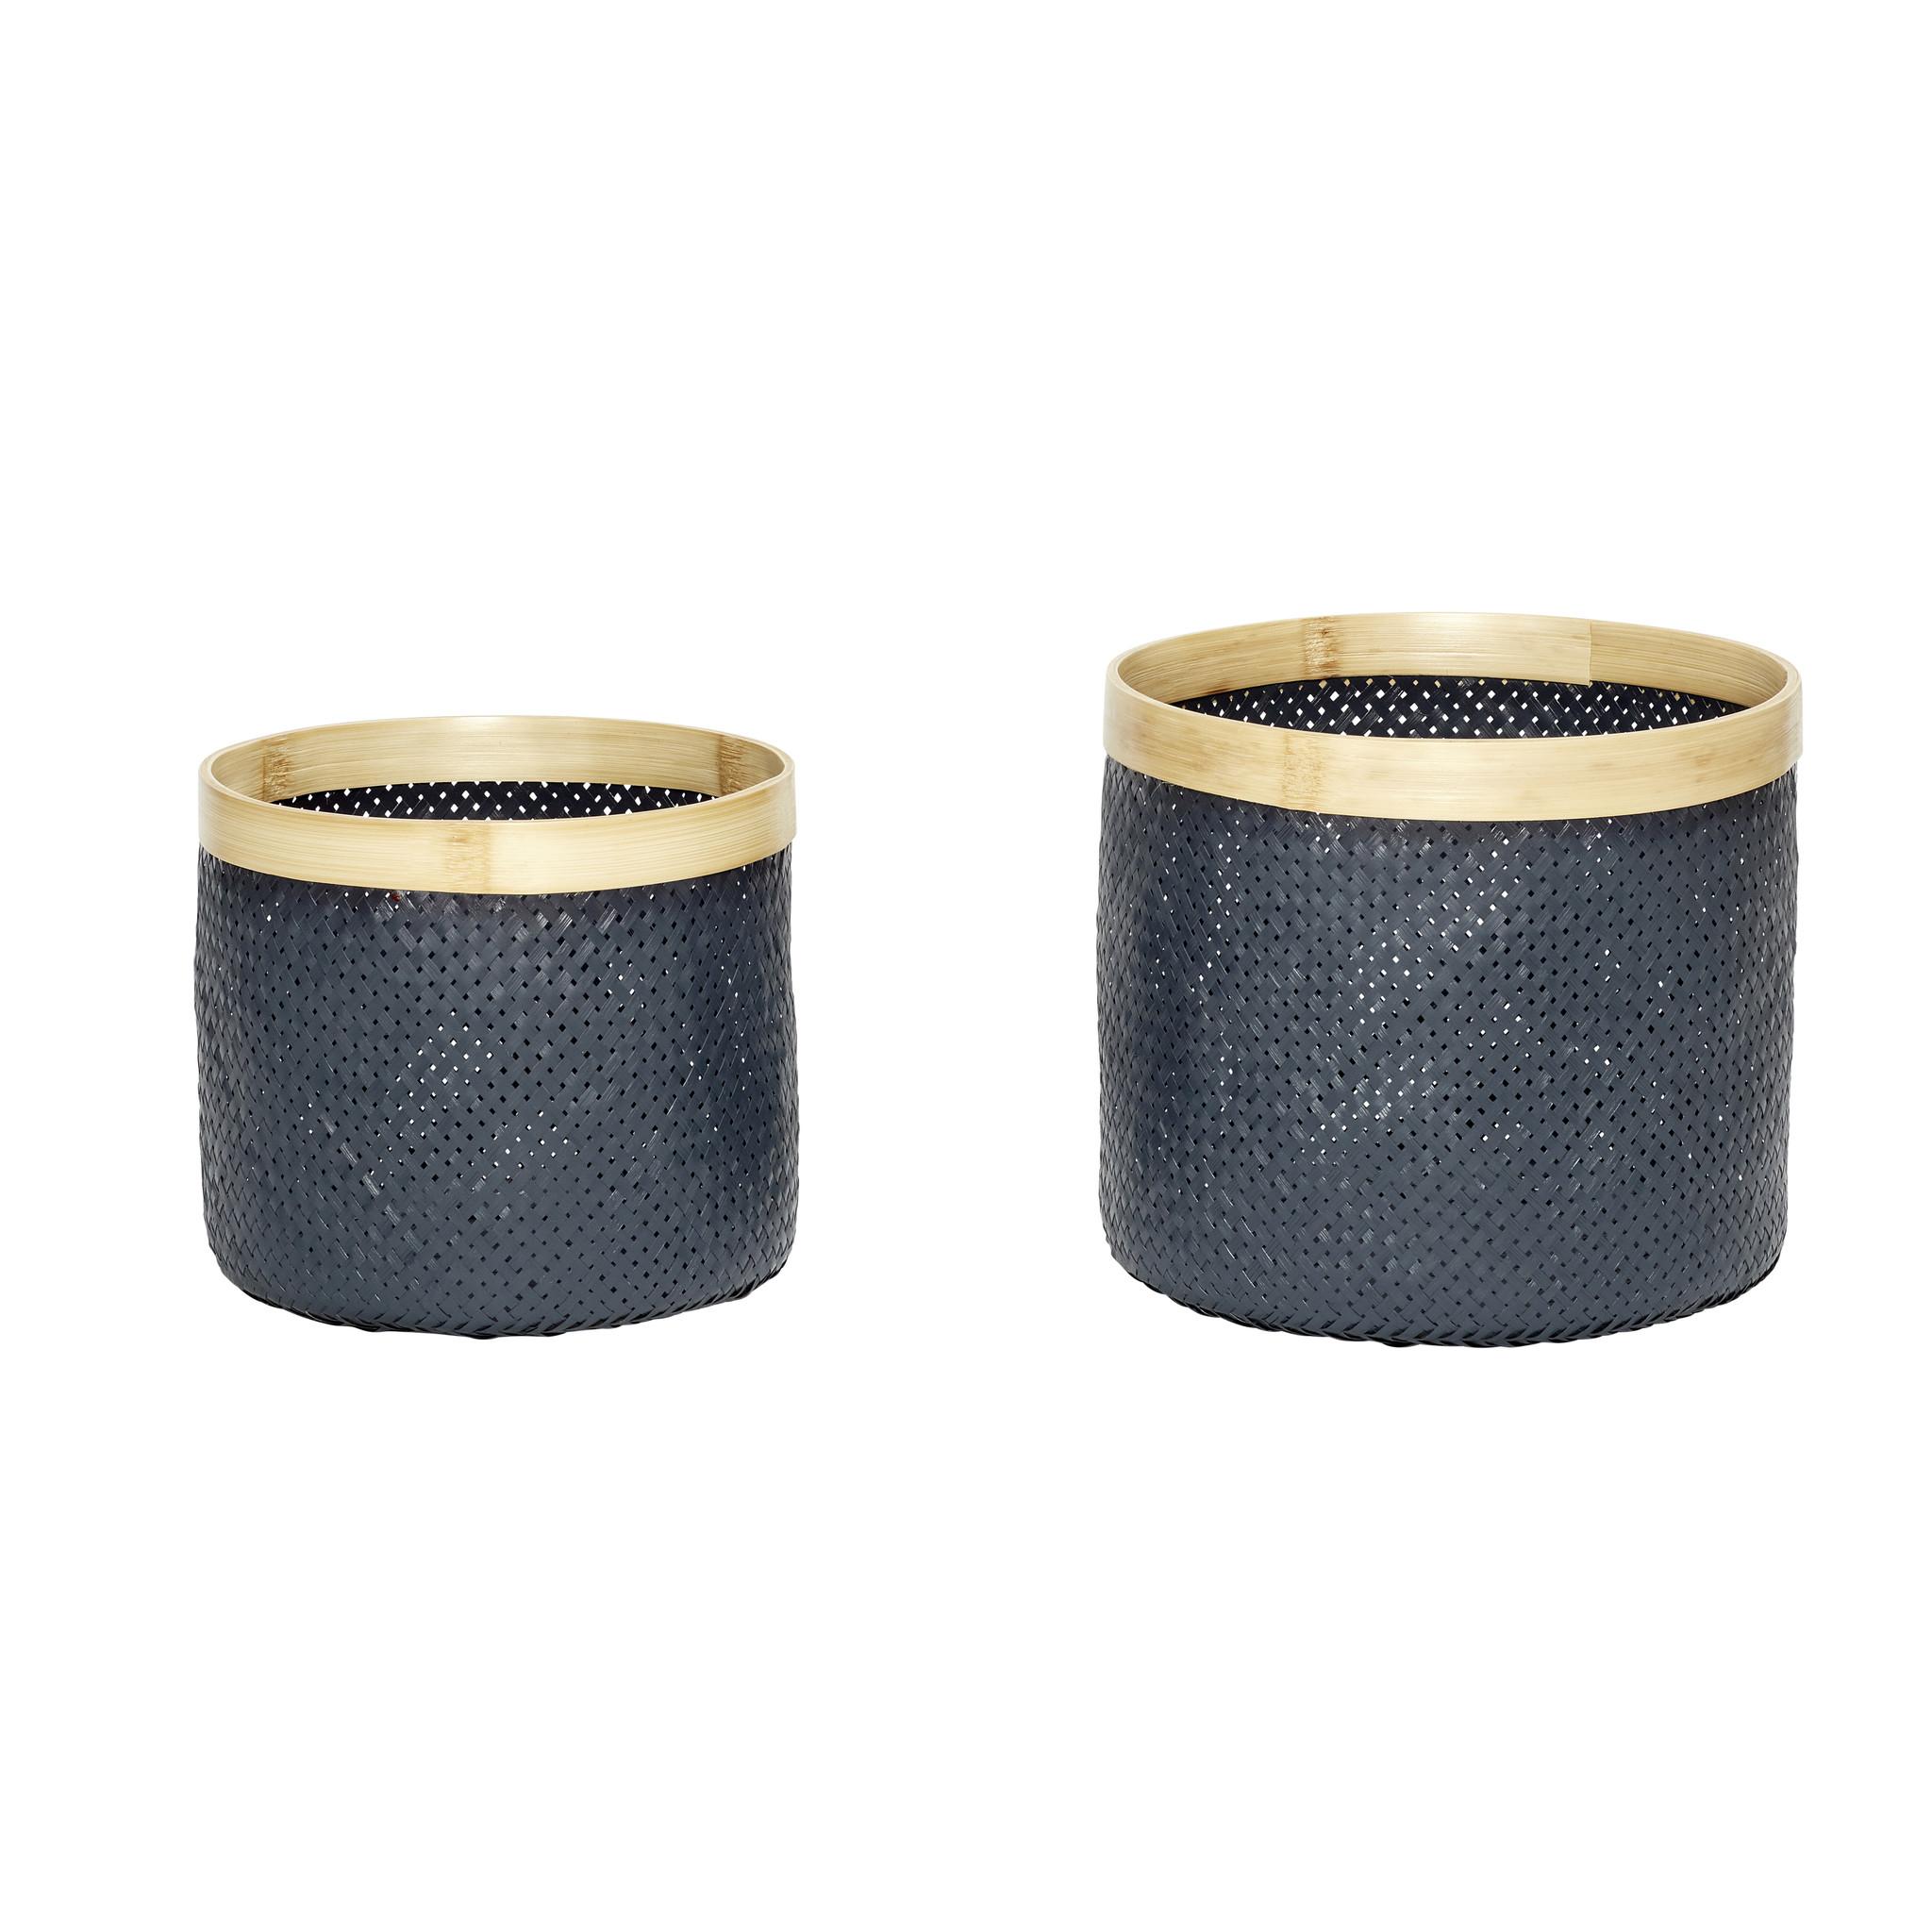 Hubsch Mand, bamboe, grijset van natuur, set van 2-170504-5712772058206